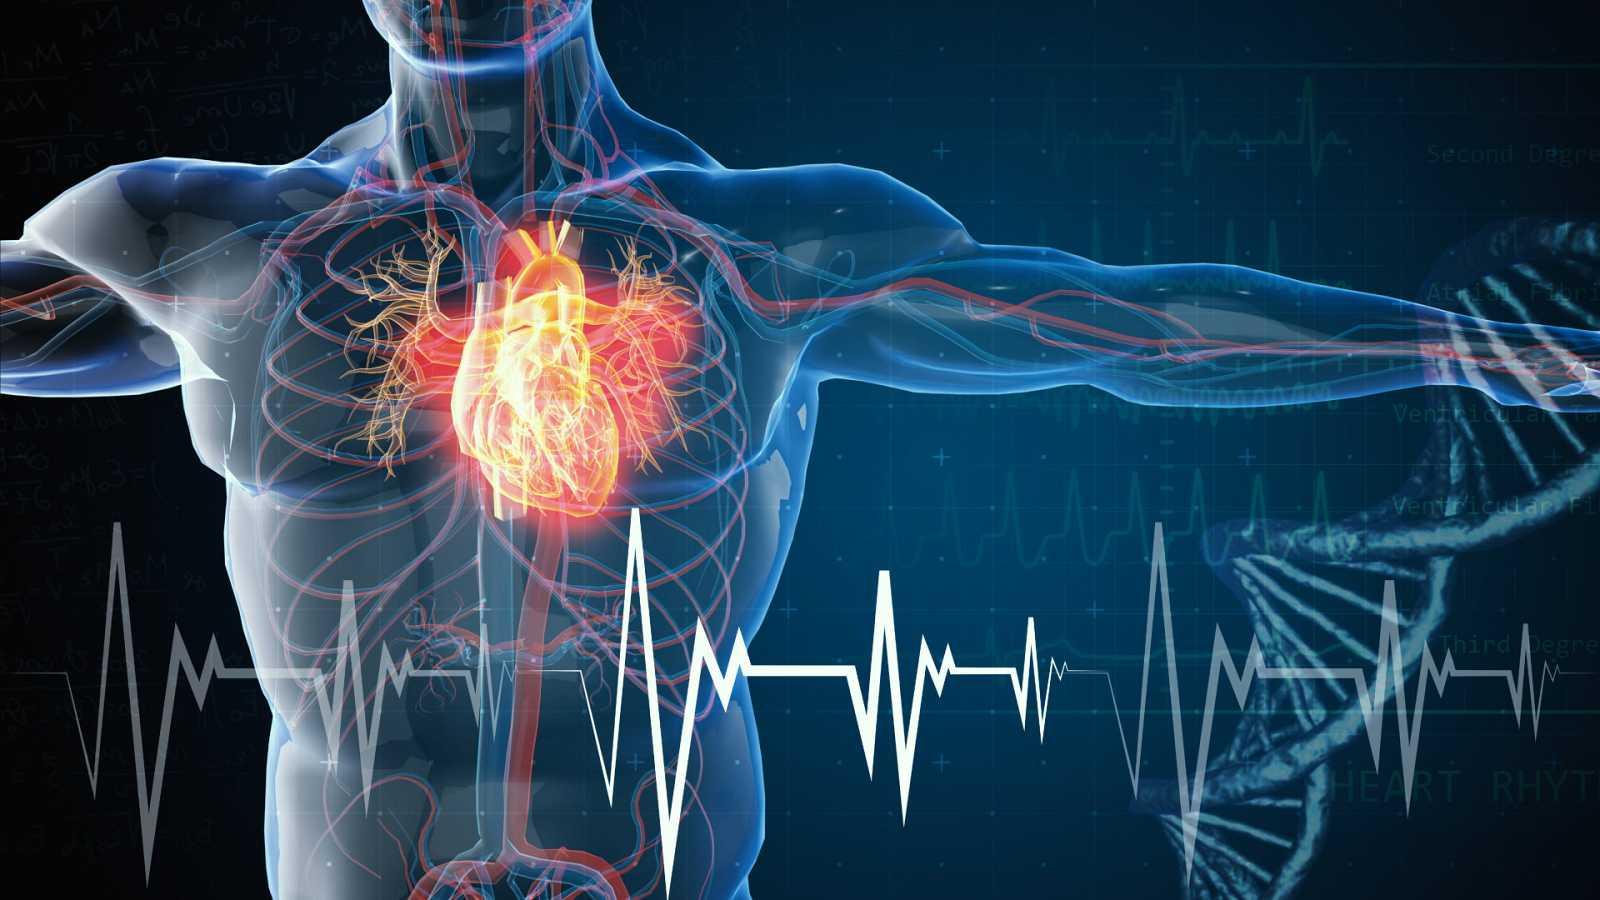 Entre probetas - Las patologías del corazón en todo su esplendor - 11/05/21 - Escuchar ahora